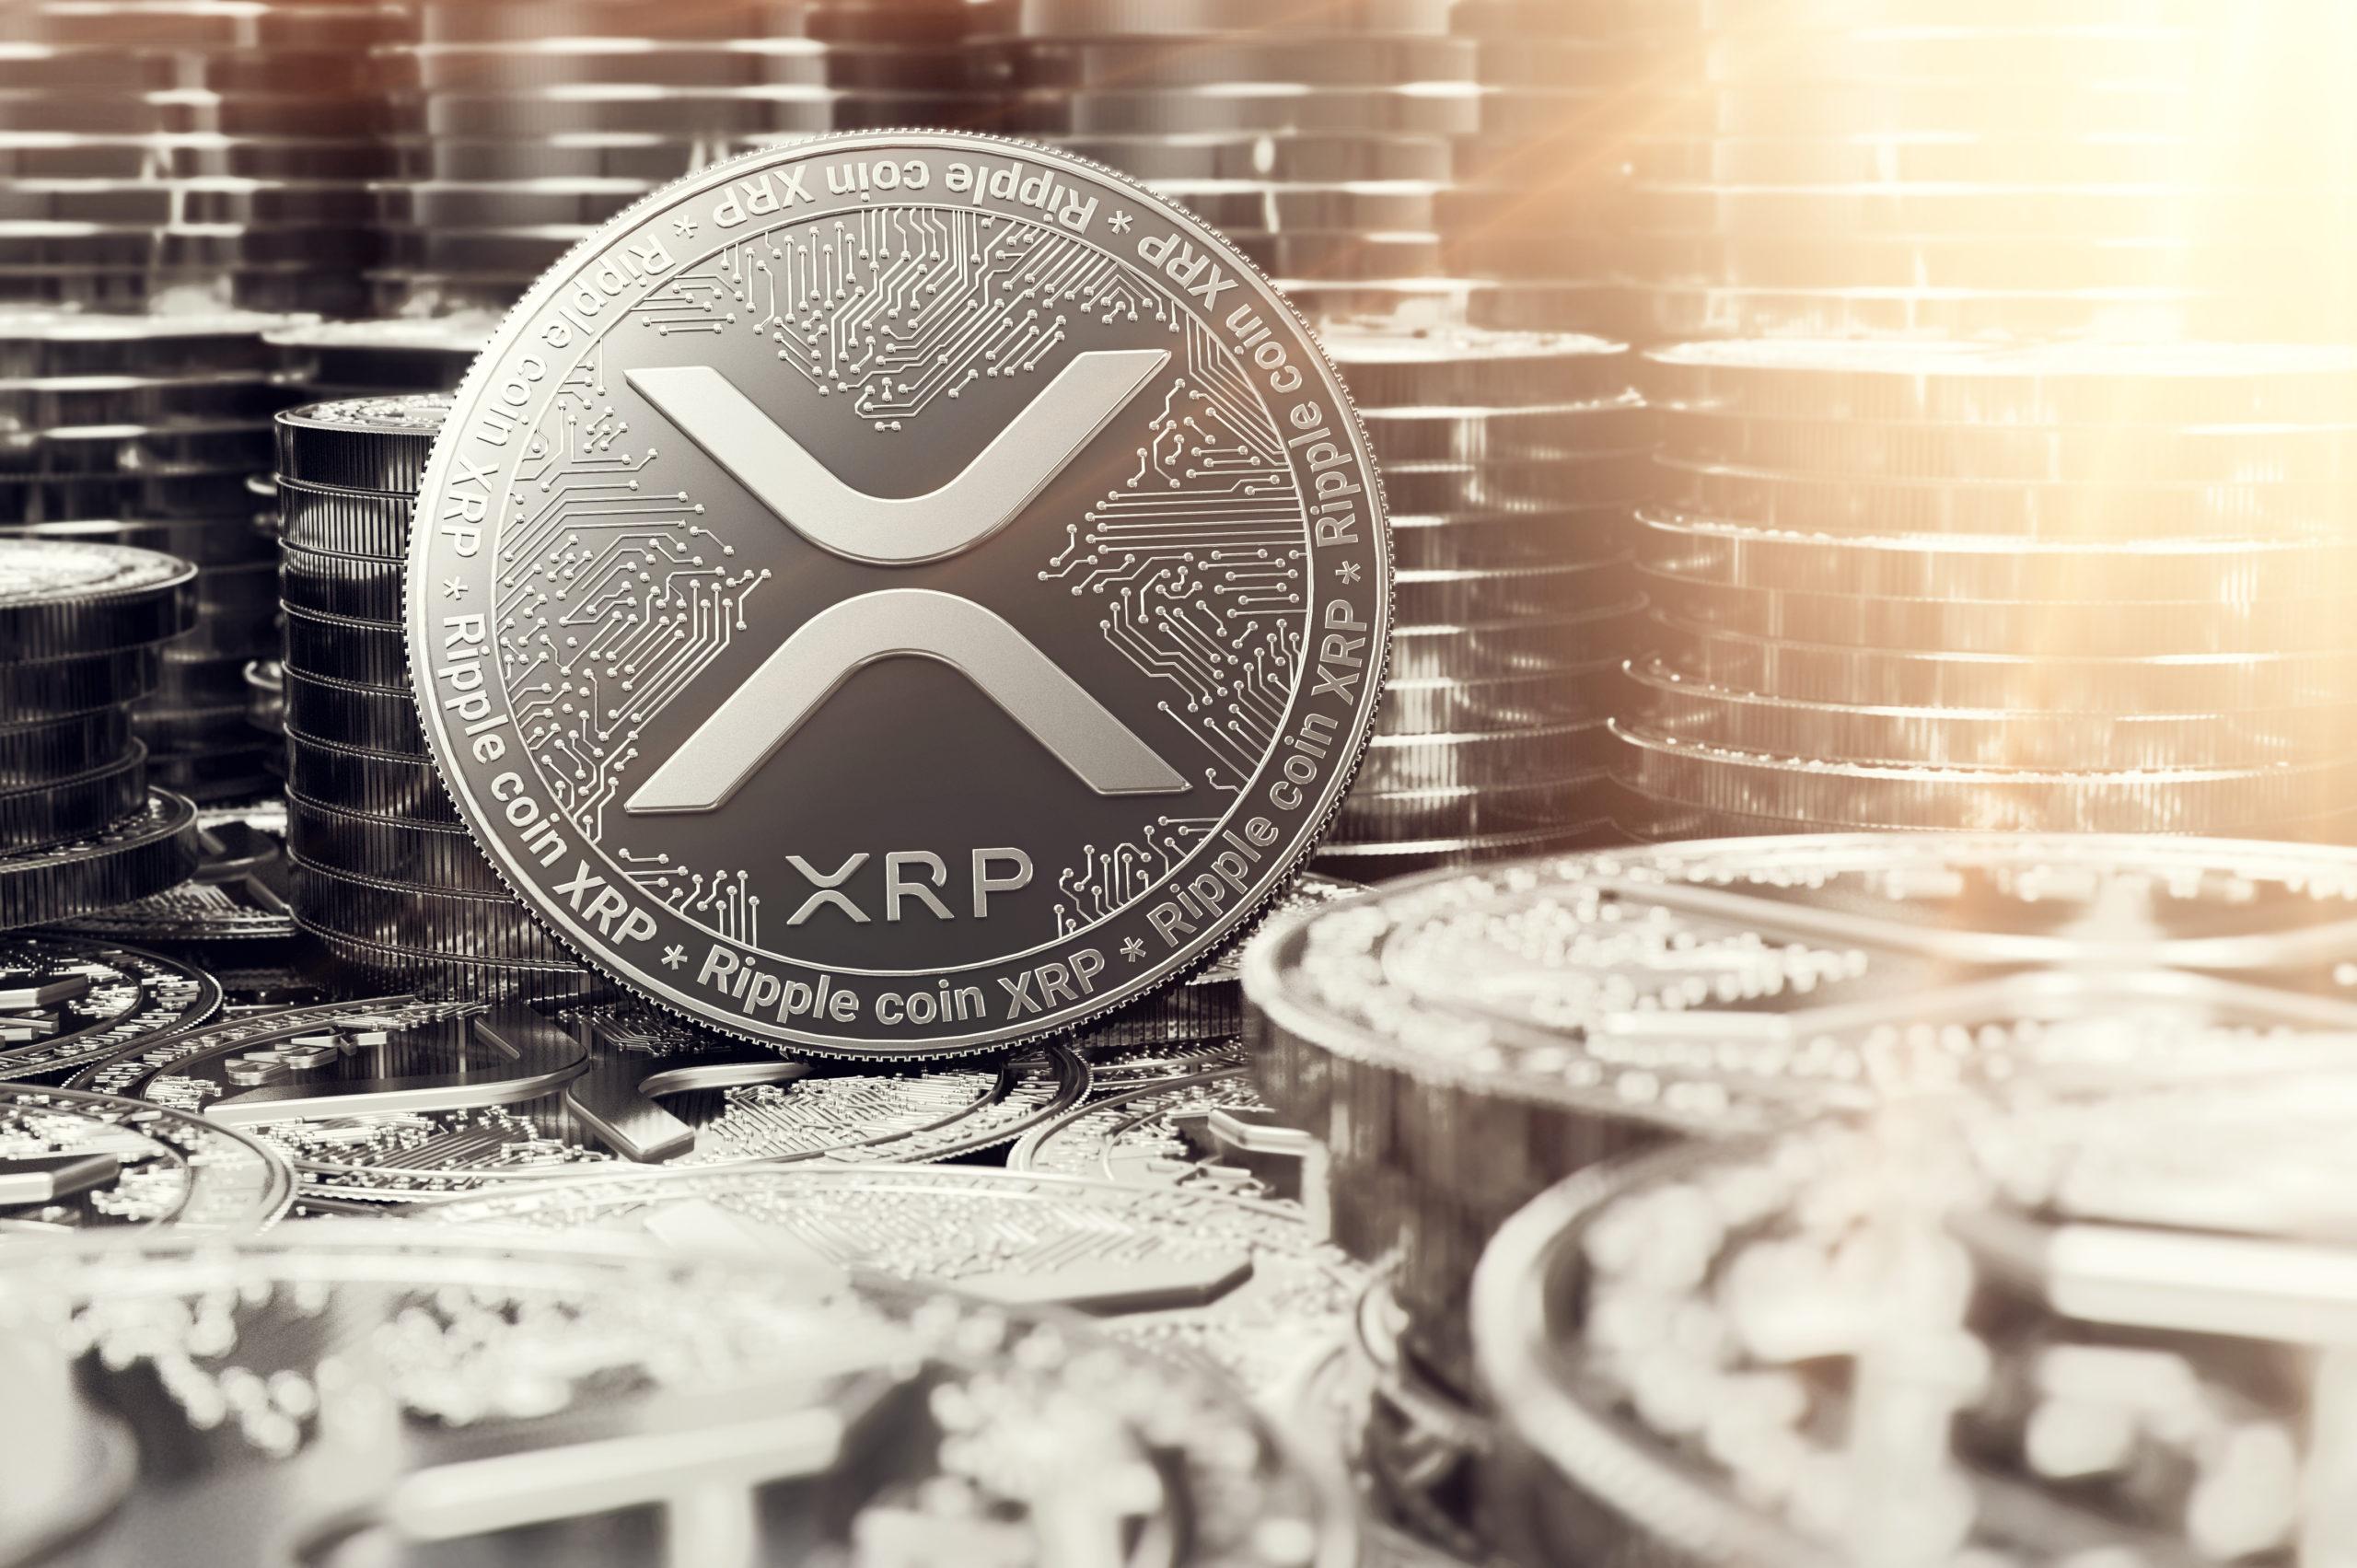 xrp ripple fiyatı arttı